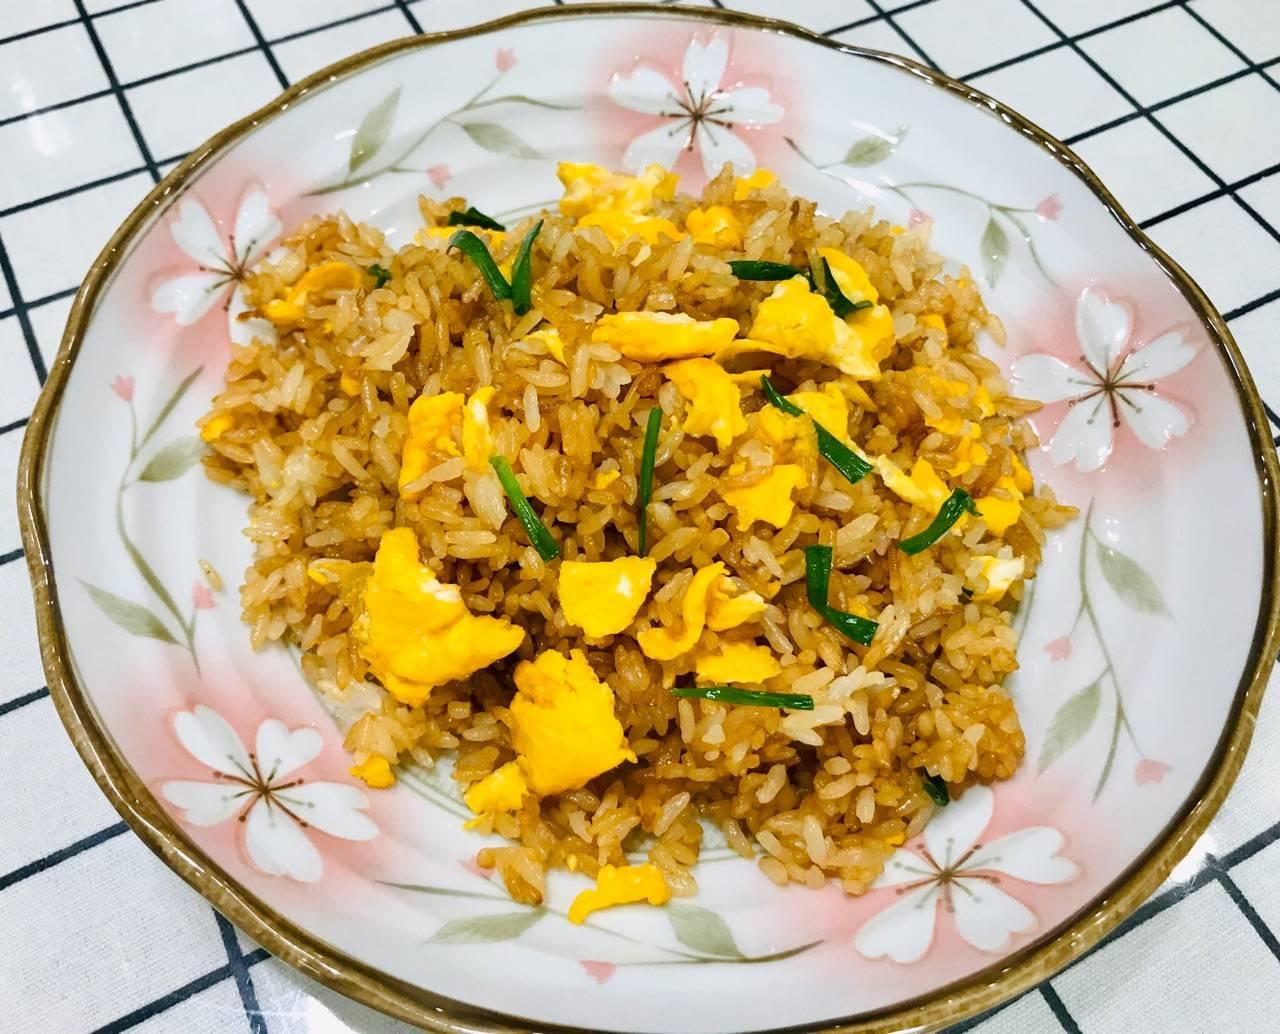 原創  還在為剩米飯發愁嗎?醬油炒剩米飯超級香超級好吃!